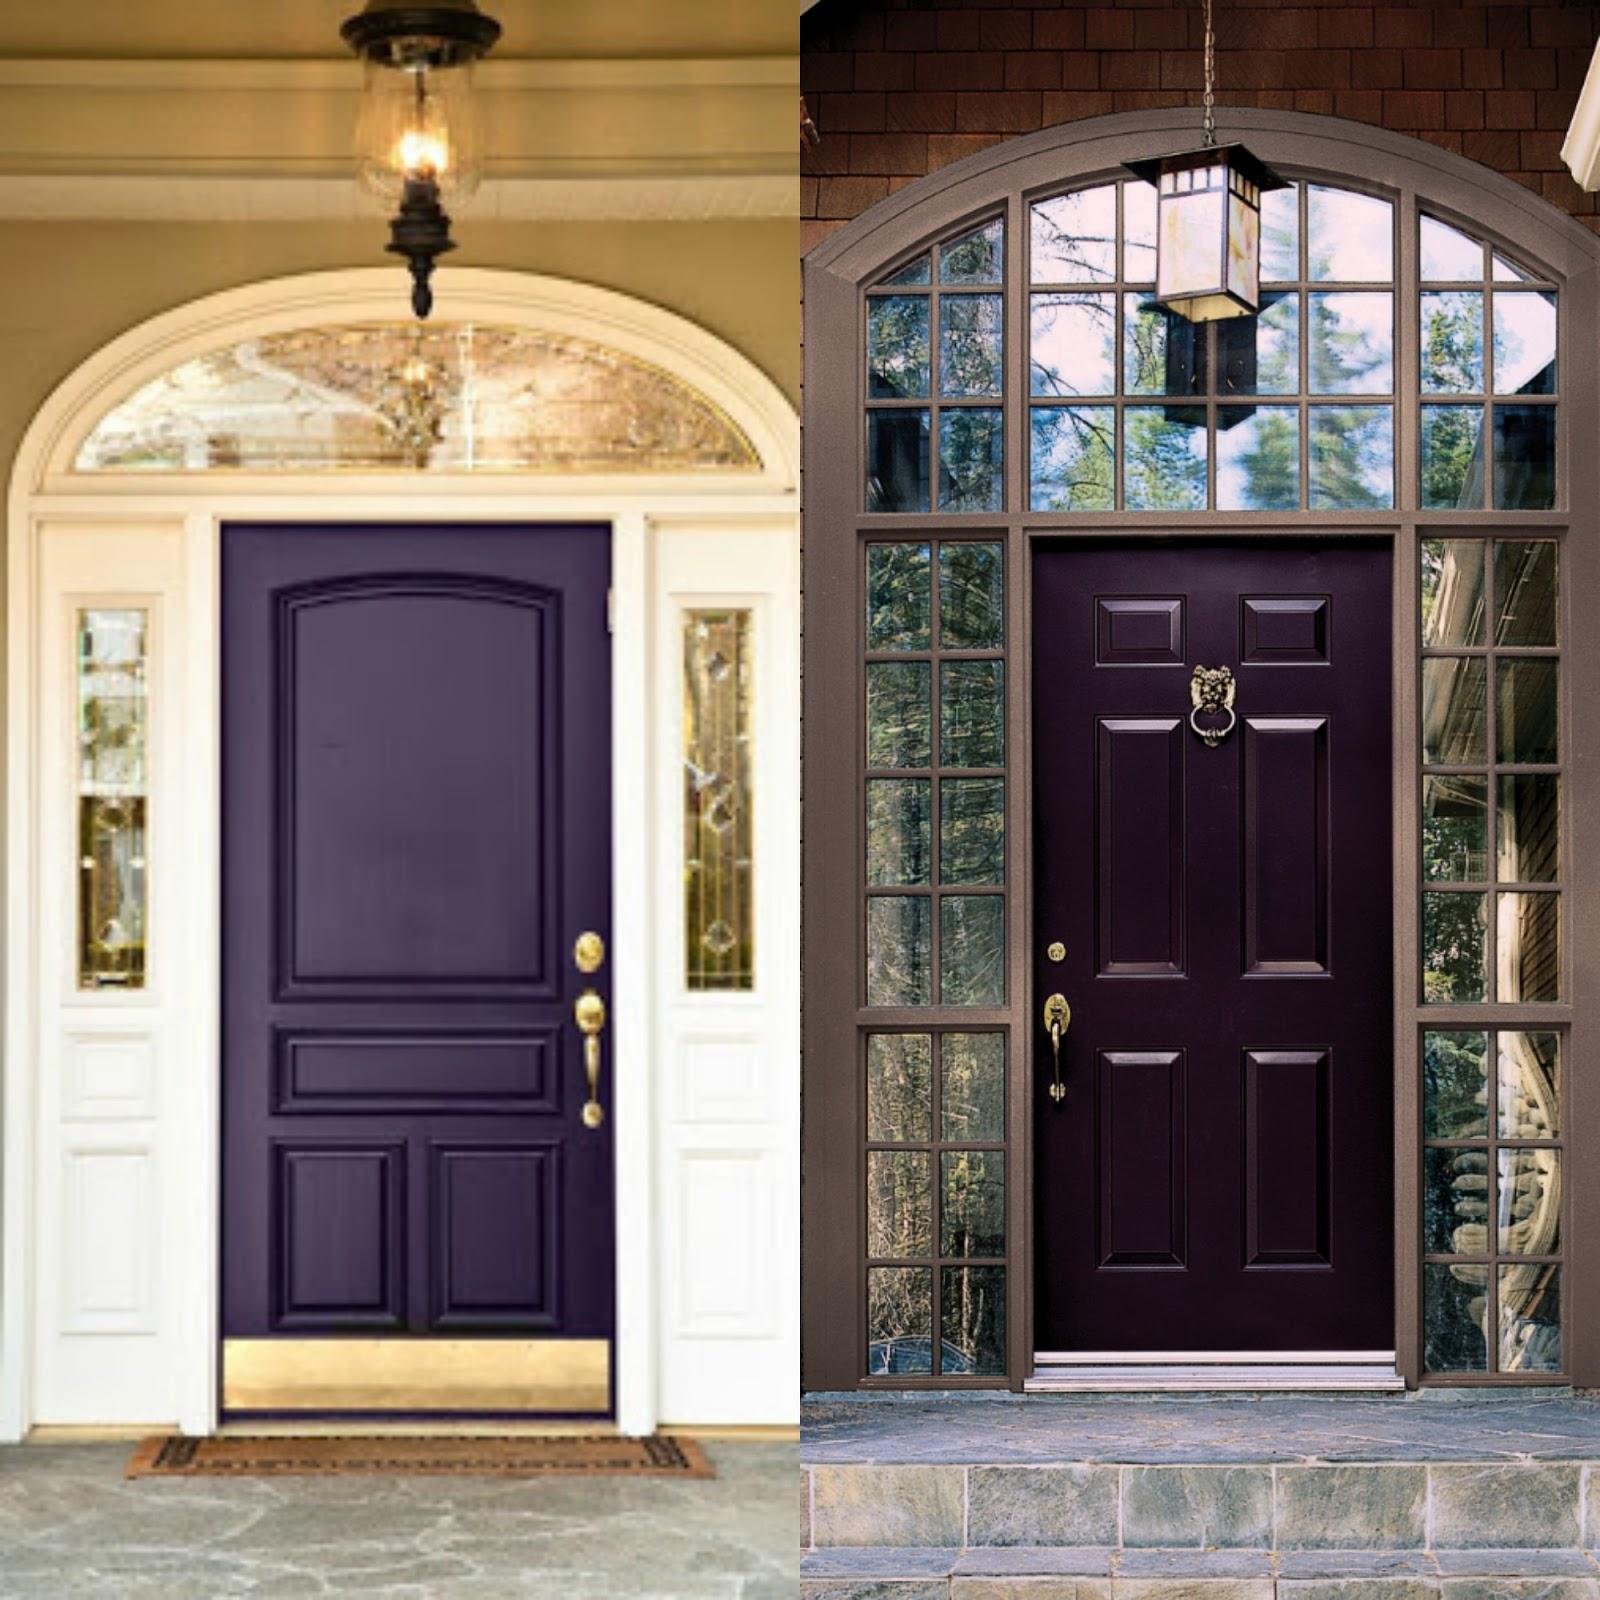 Painted Front Door Inspiration - Behind the Big Green Door